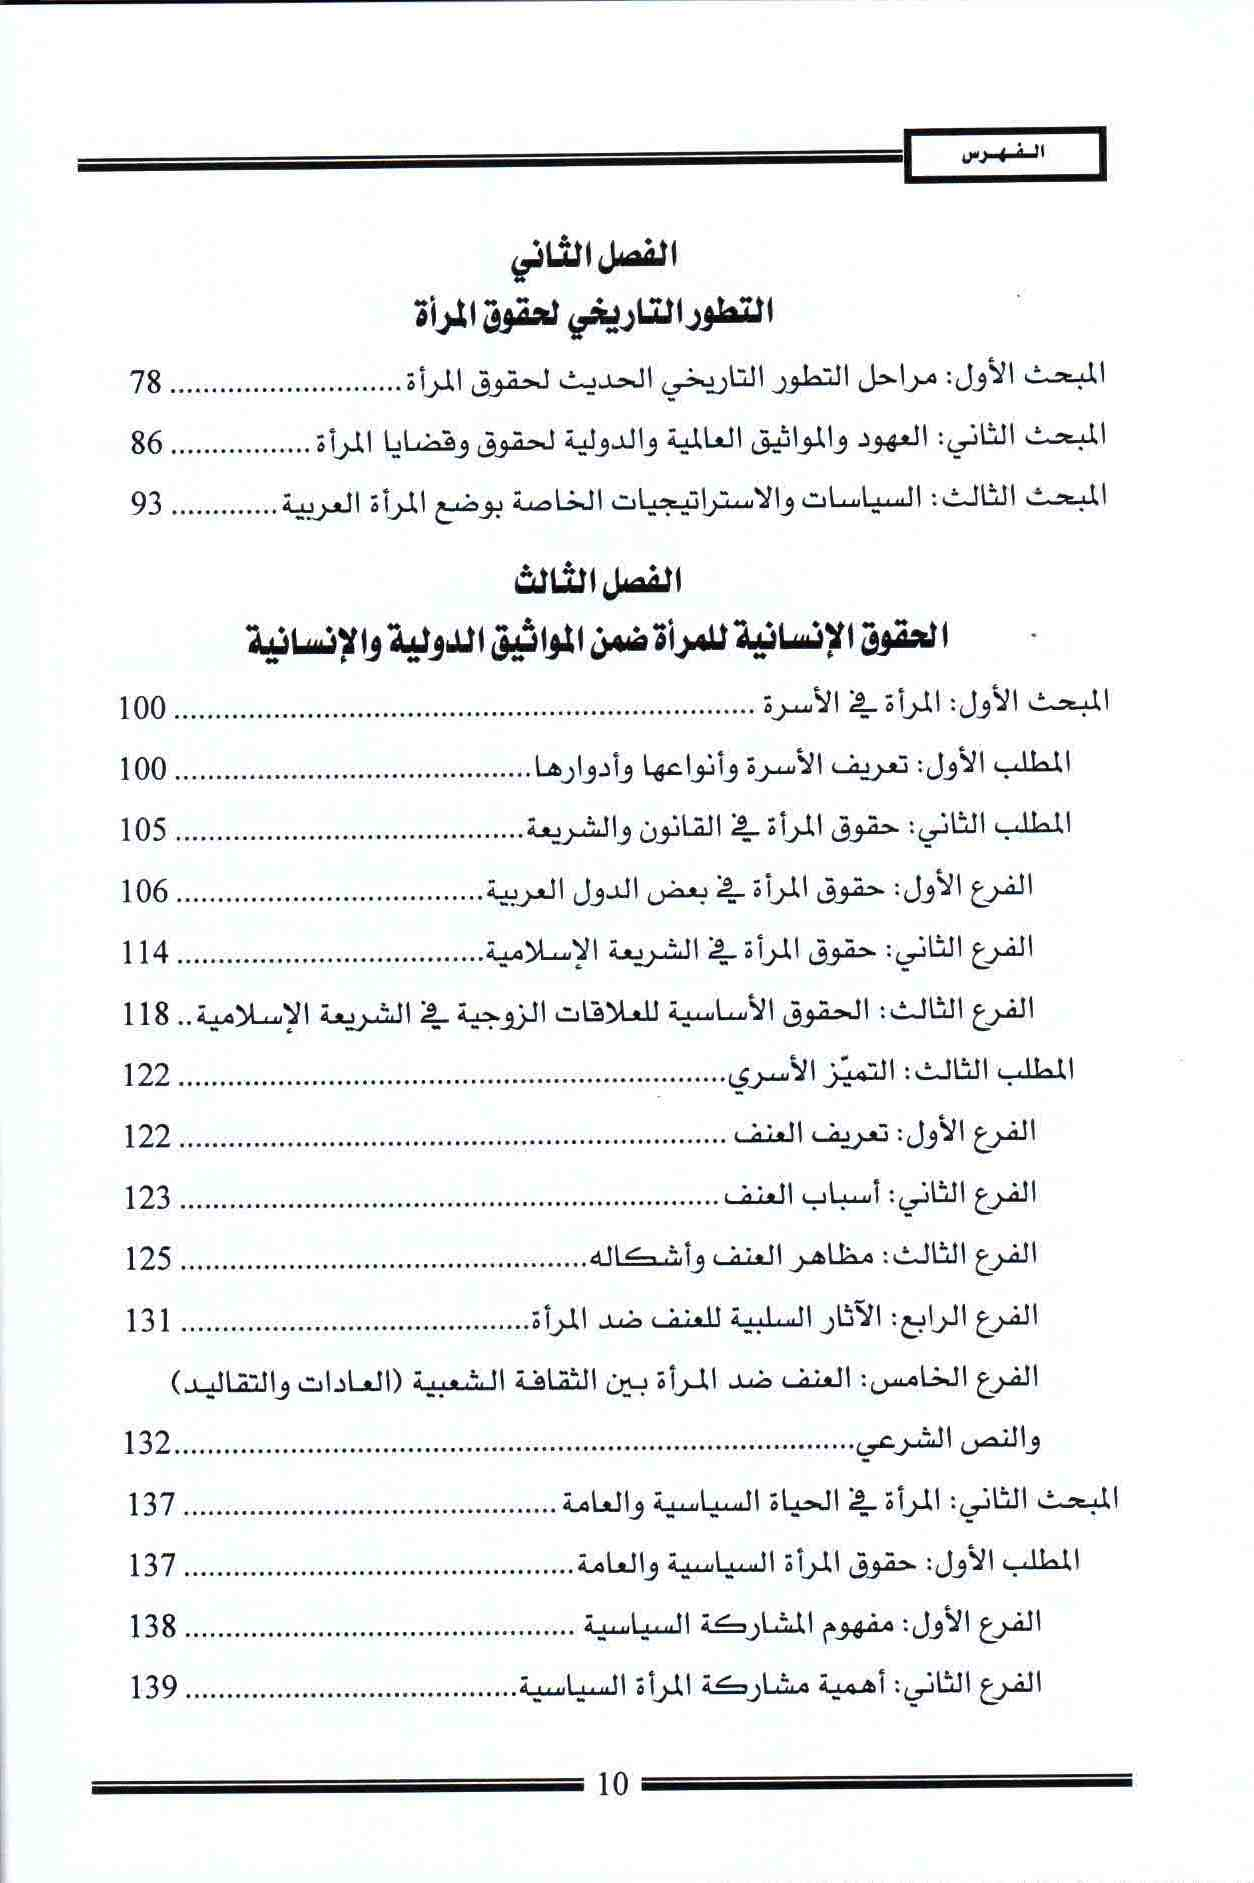 ص 10 محتويات كتاب حقوق المرأة